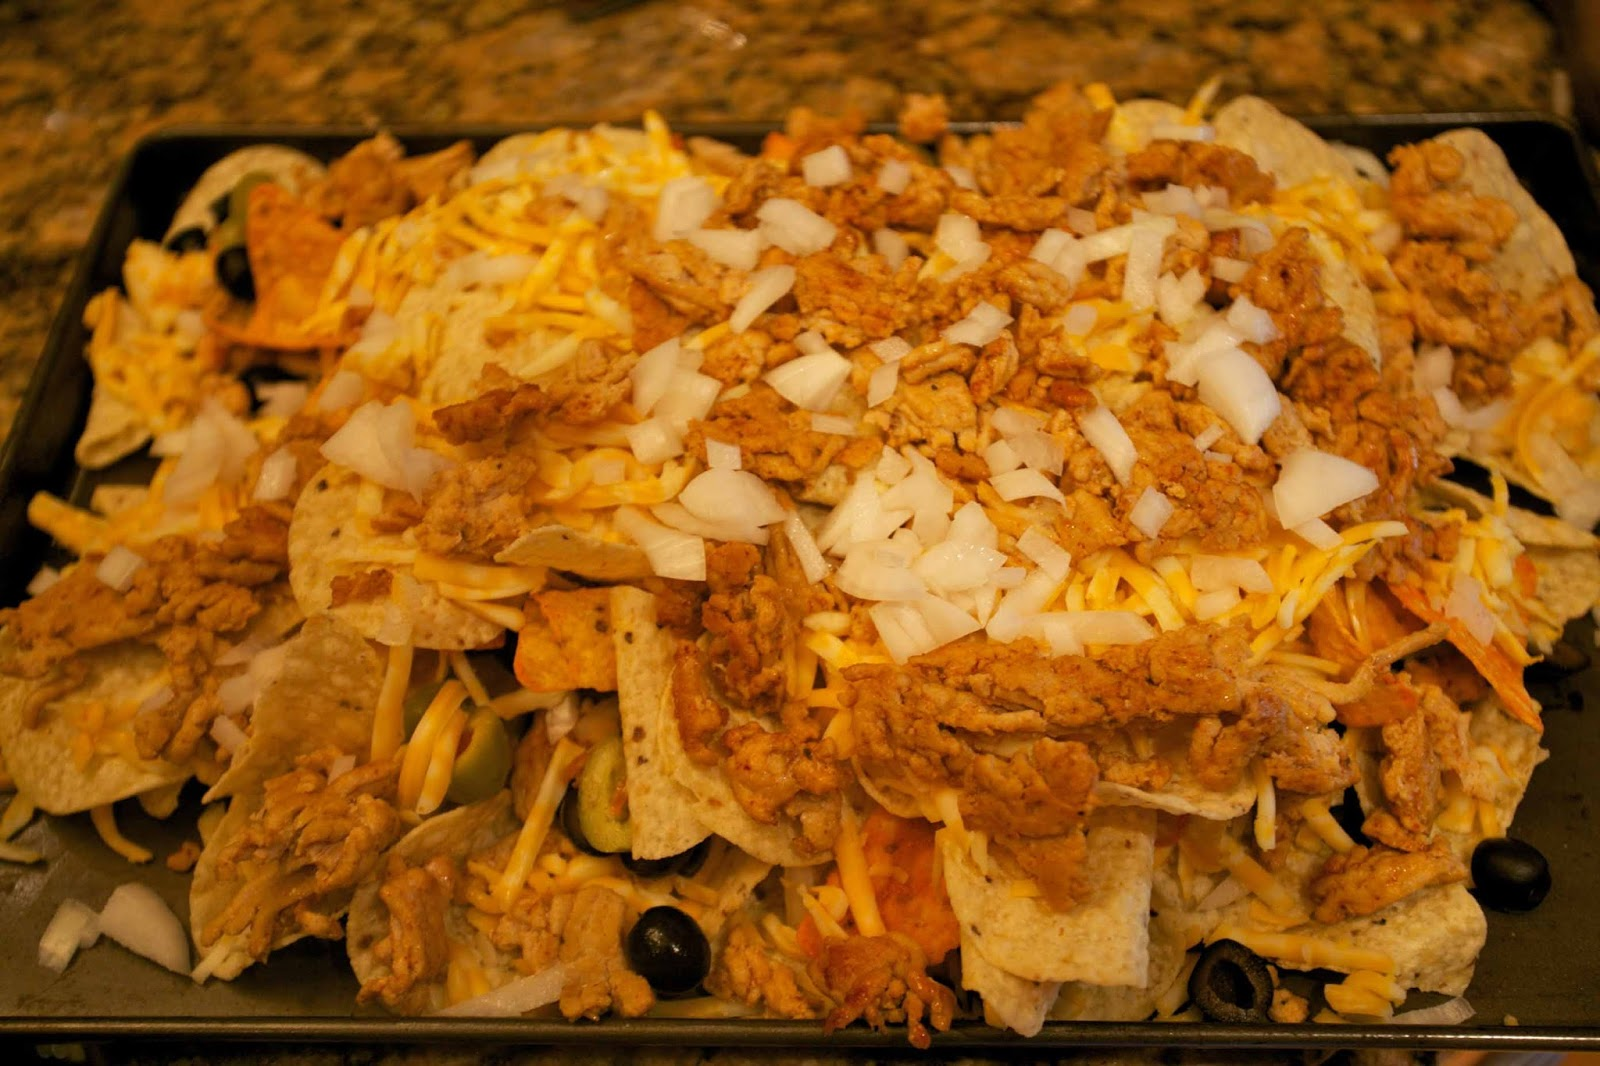 Octoberfarm: Chicken Nachos with Homemade Salsa